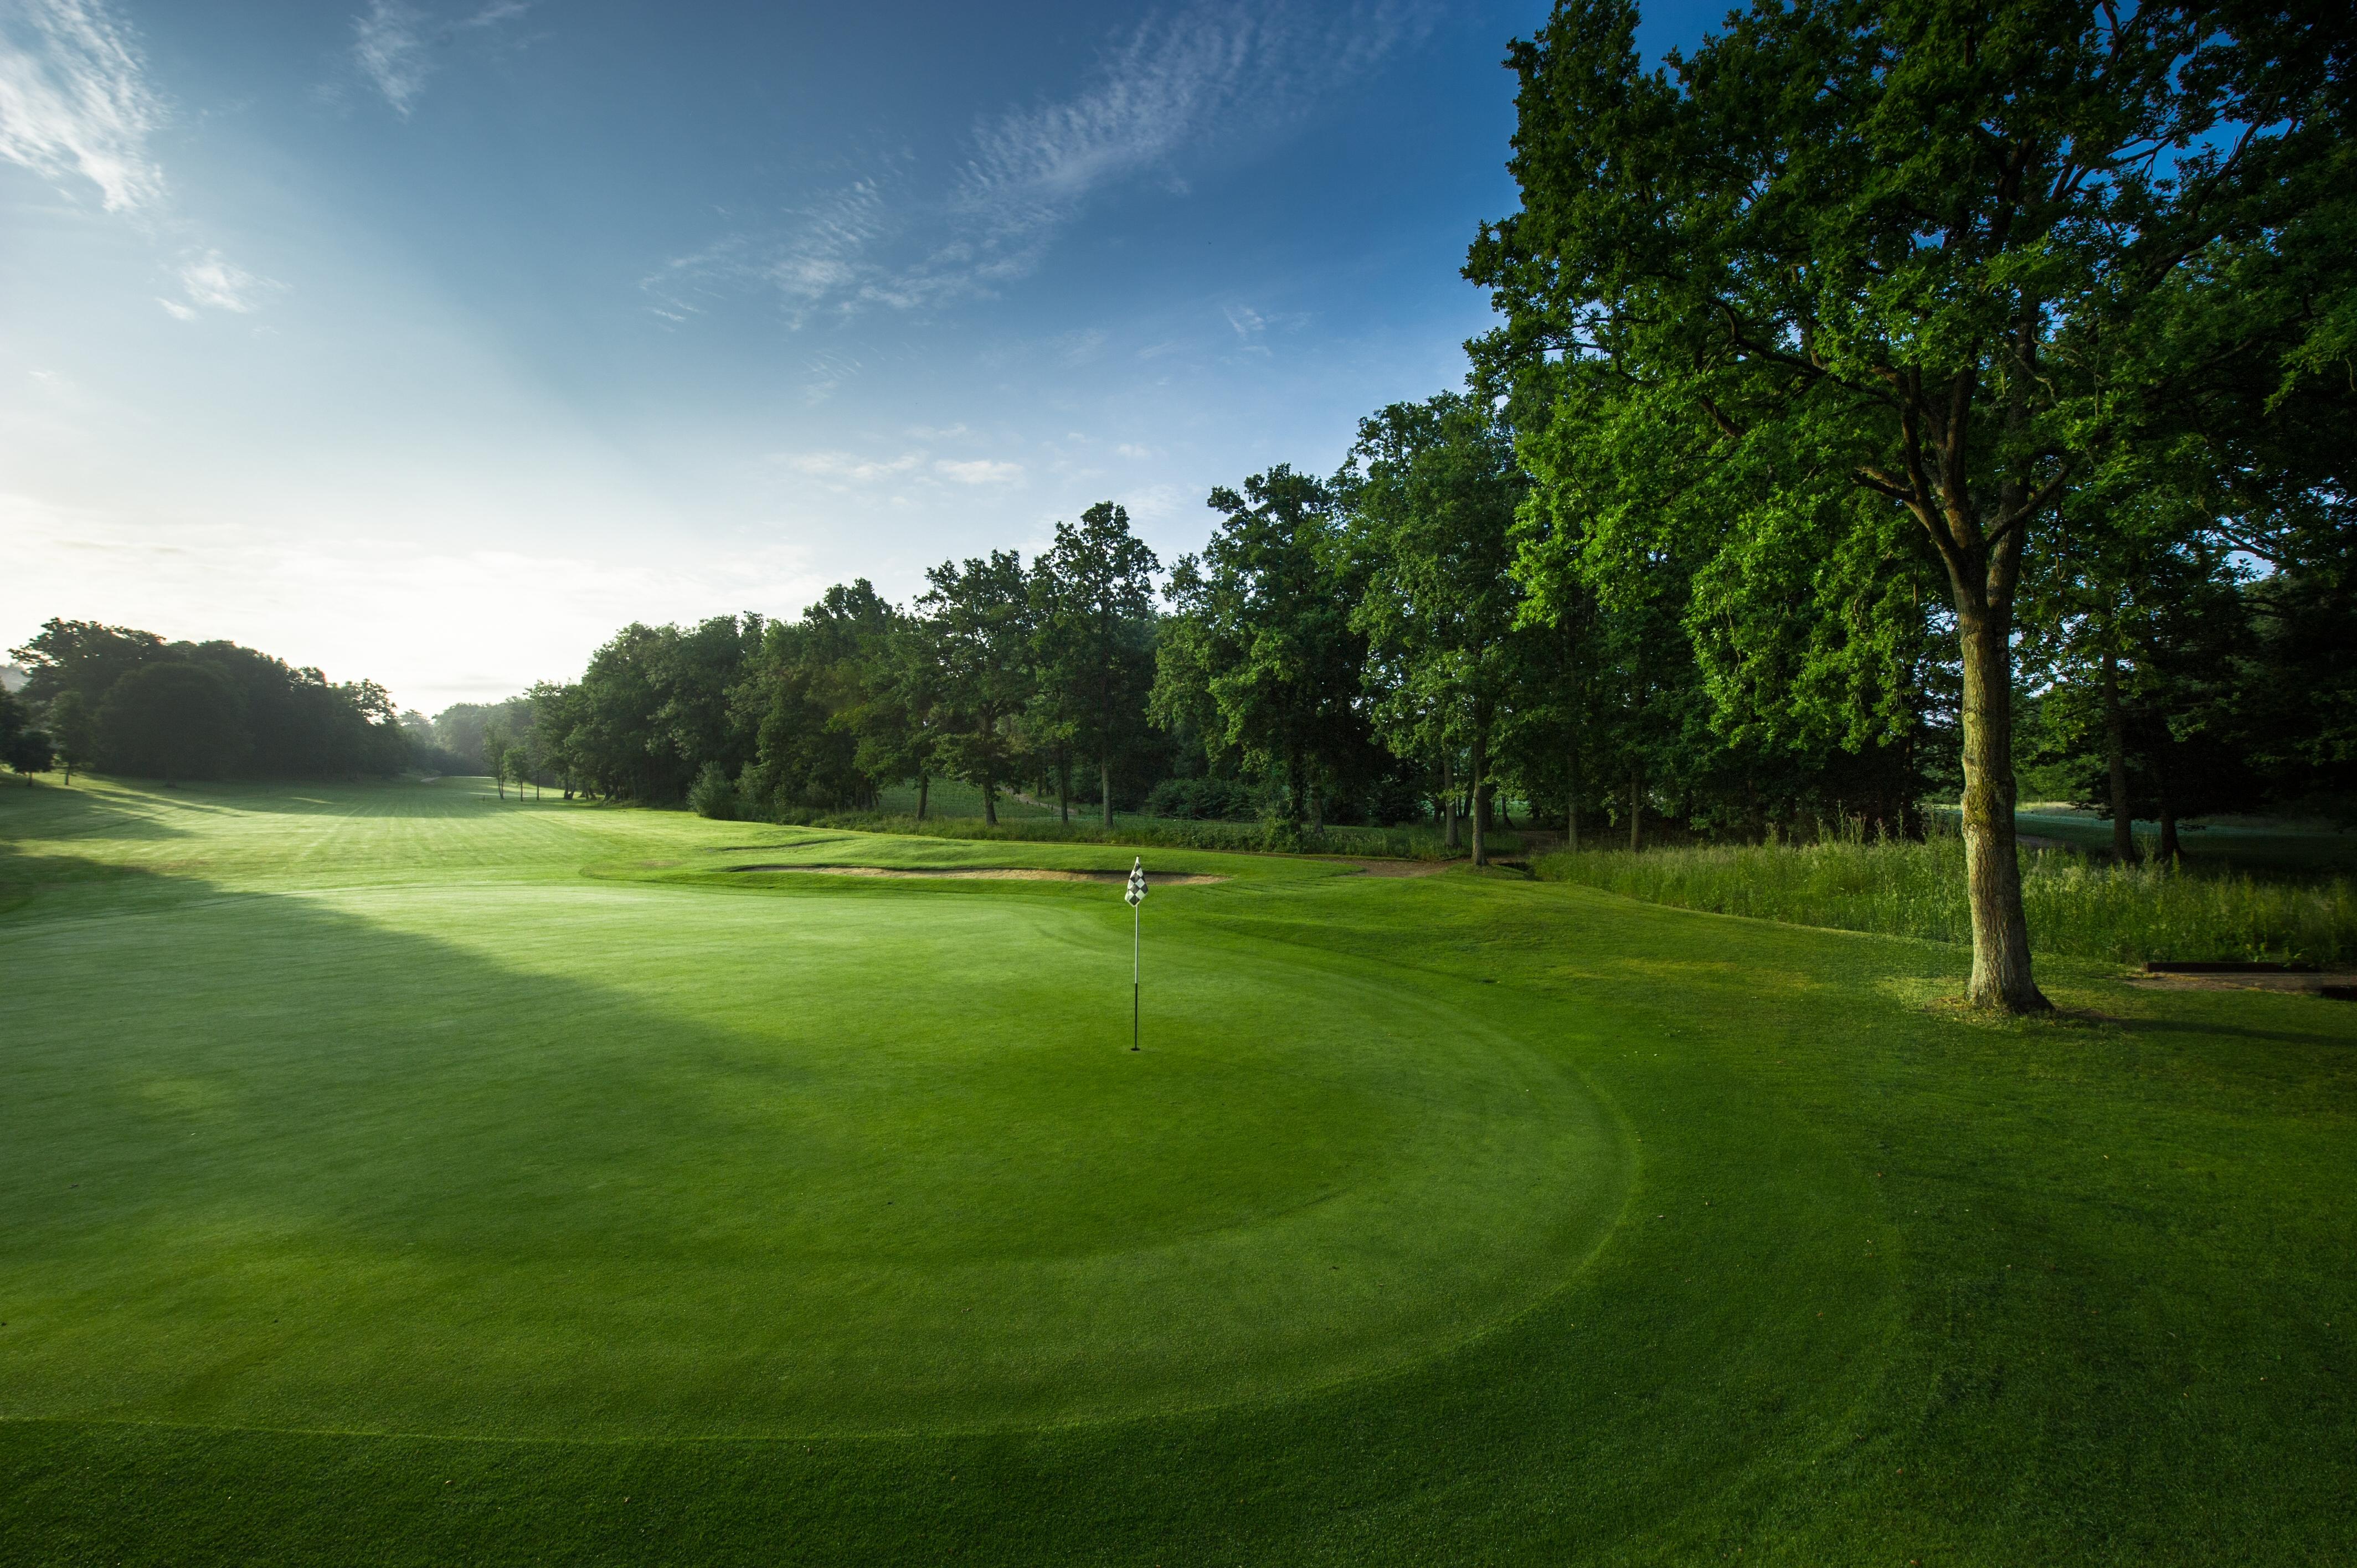 Hi Res Golf Course Wallpapers - WallpaperSafari